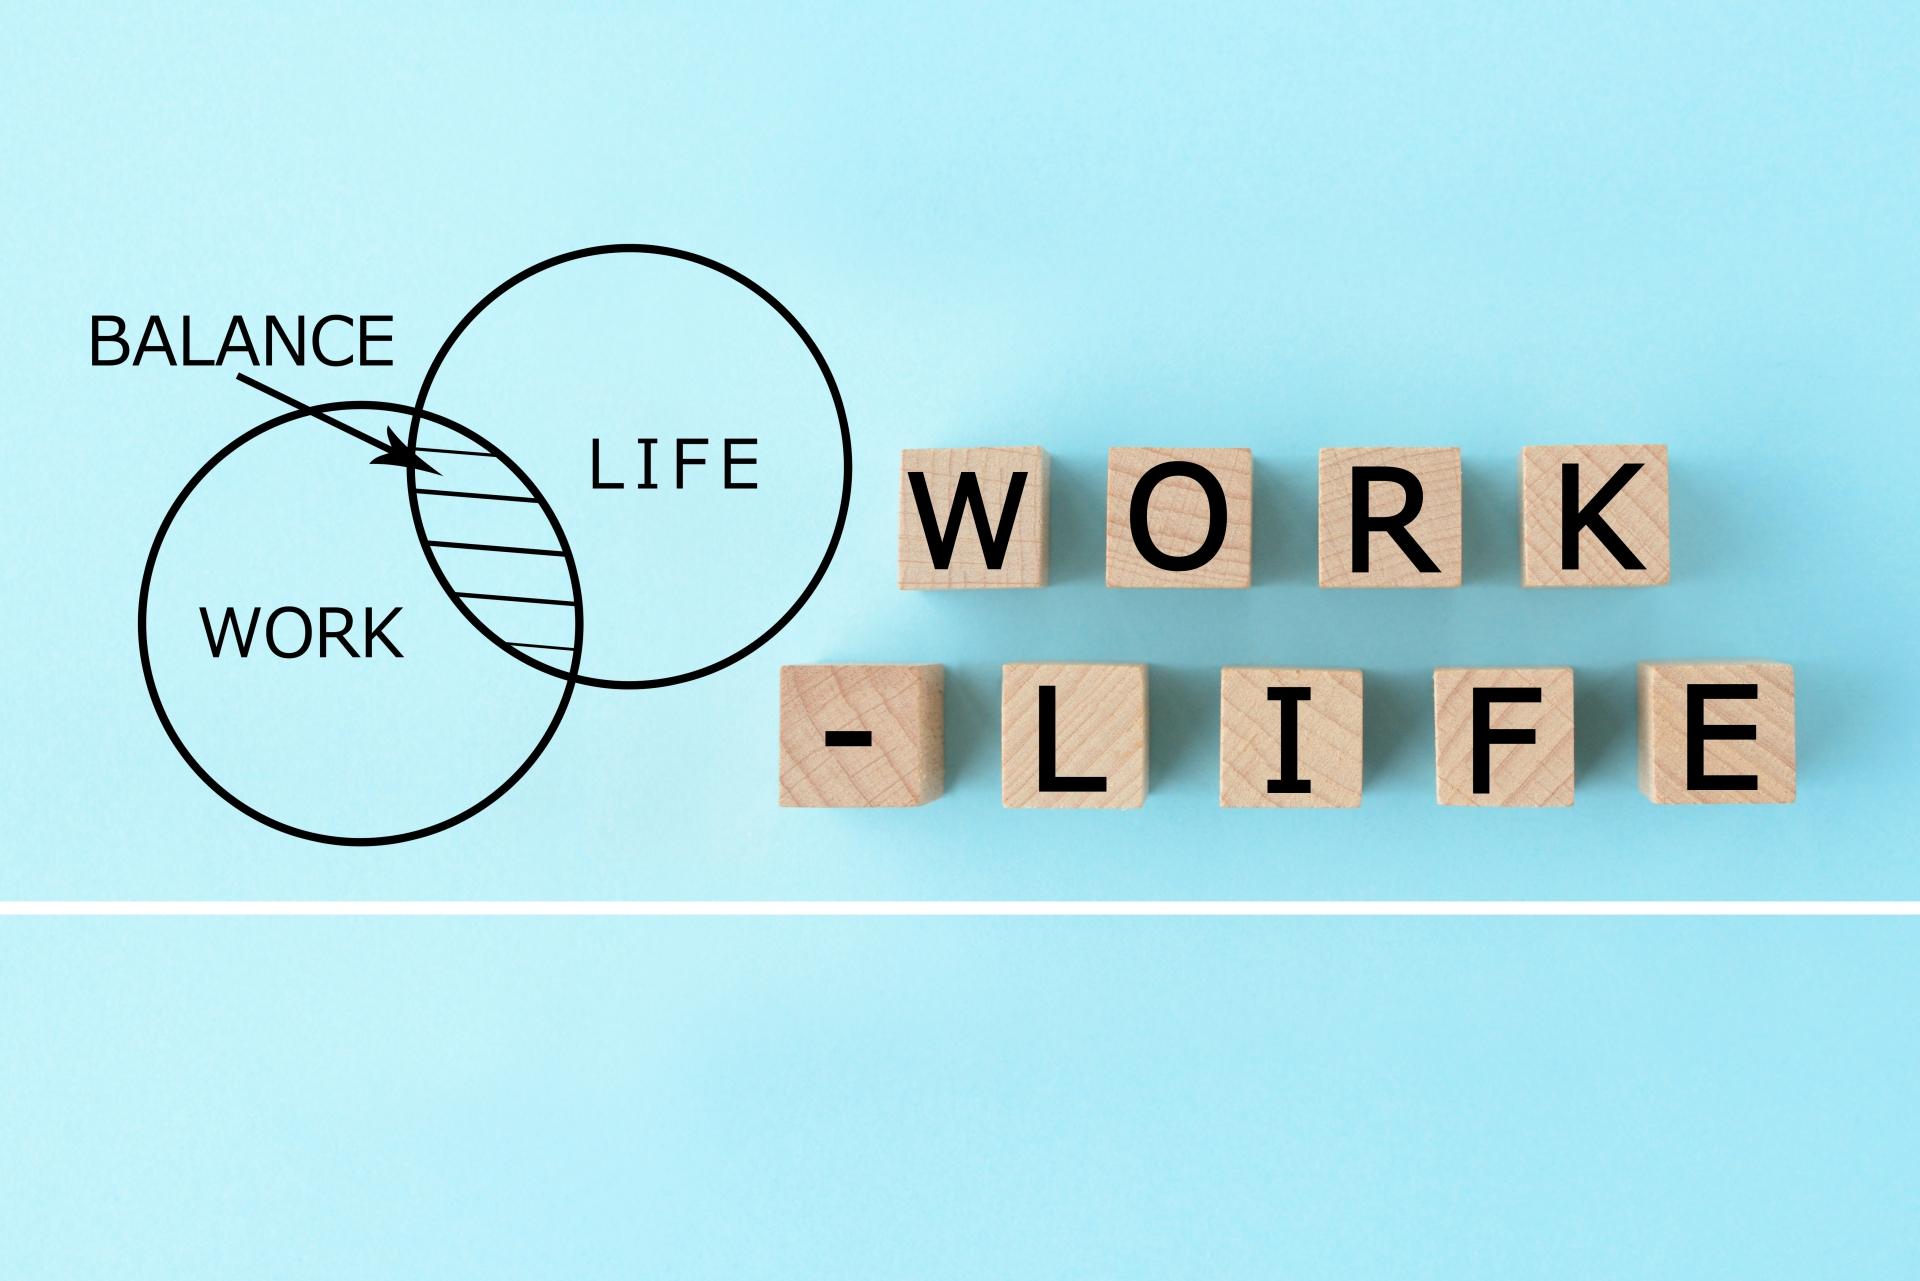 パートタイム・有期雇用労働法の改正